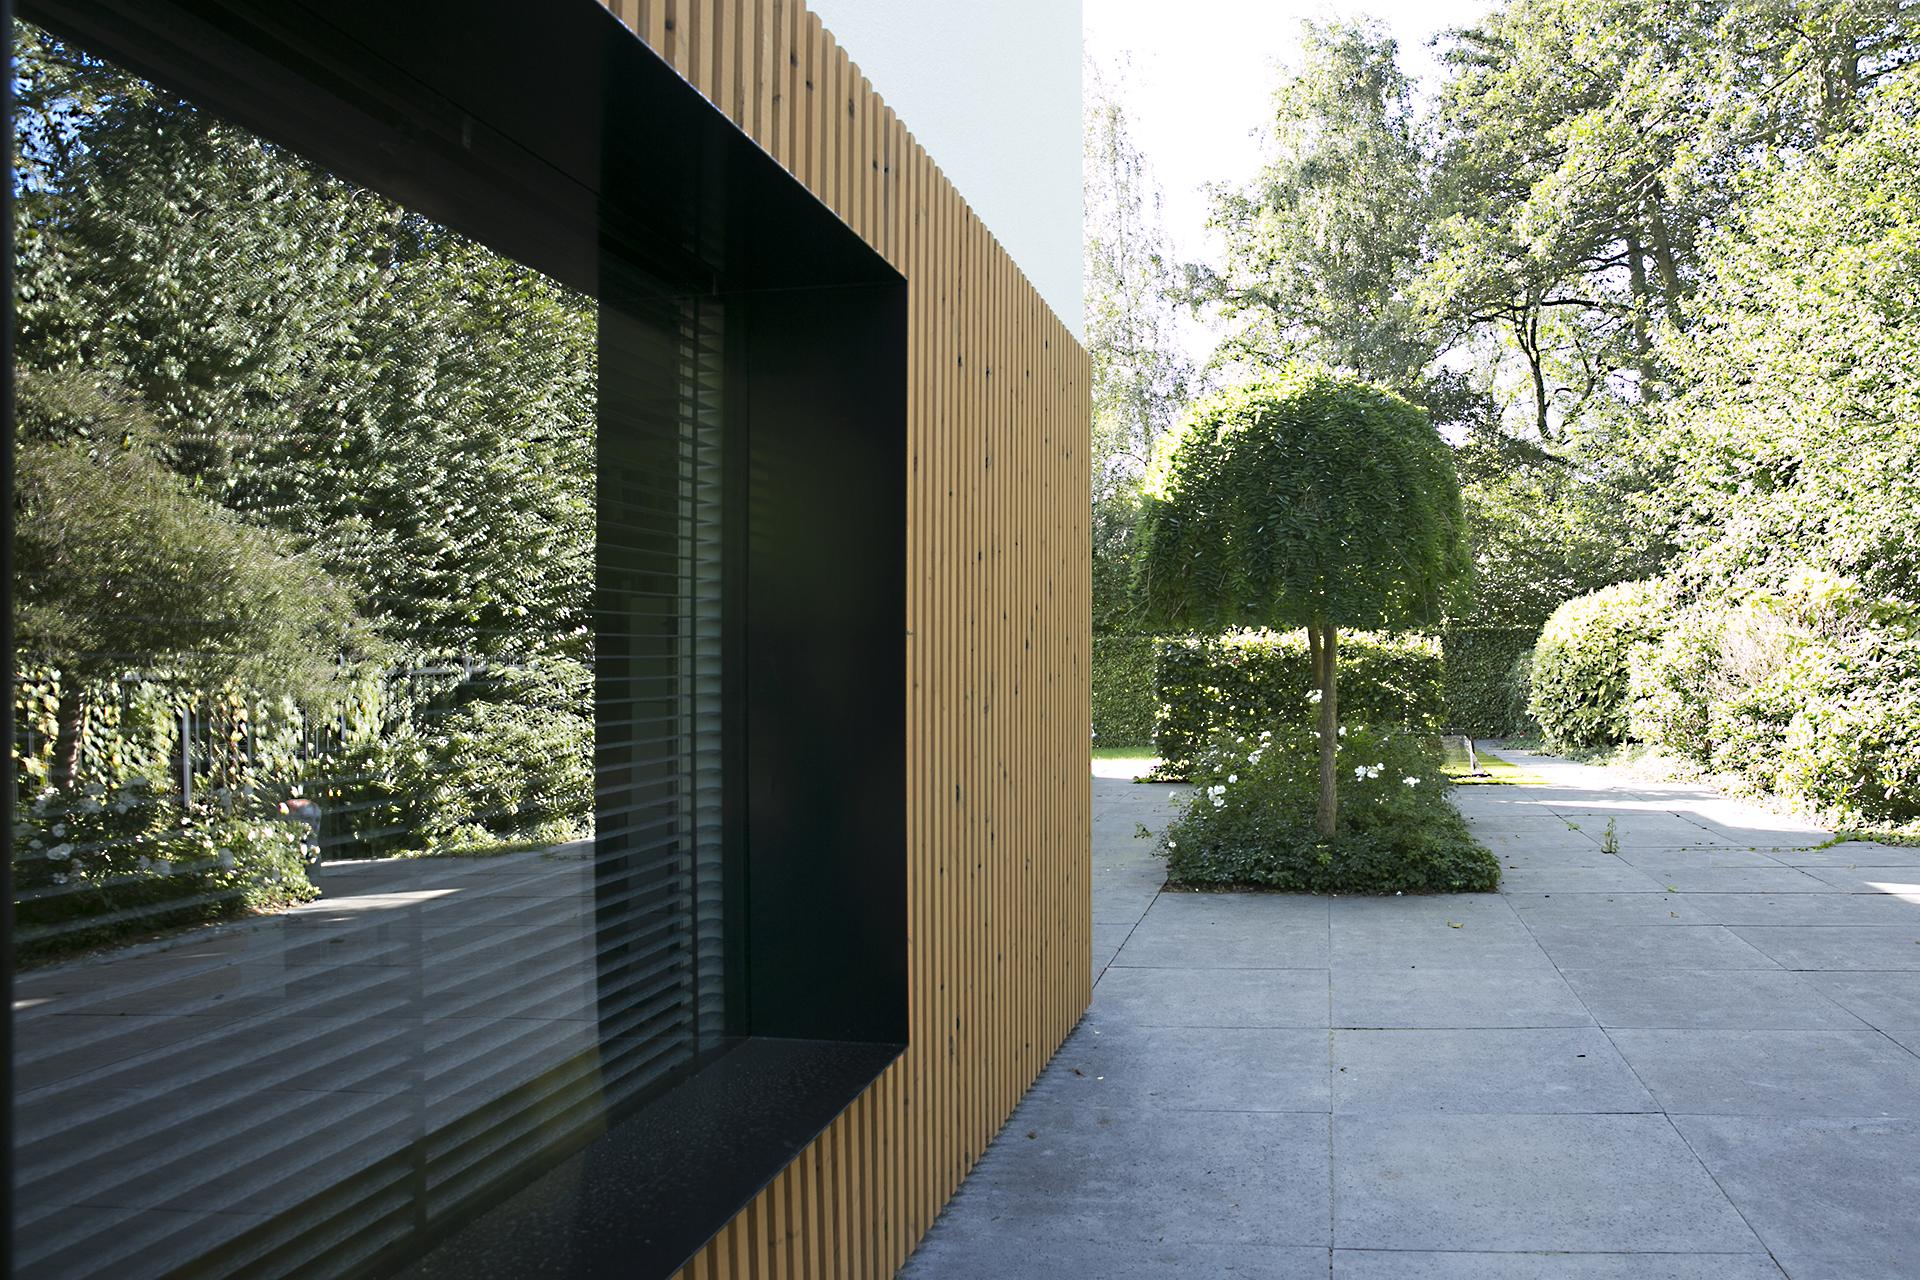 capaz-mirandakoopman-interieur-fotografie-MarcovanZal-5955def